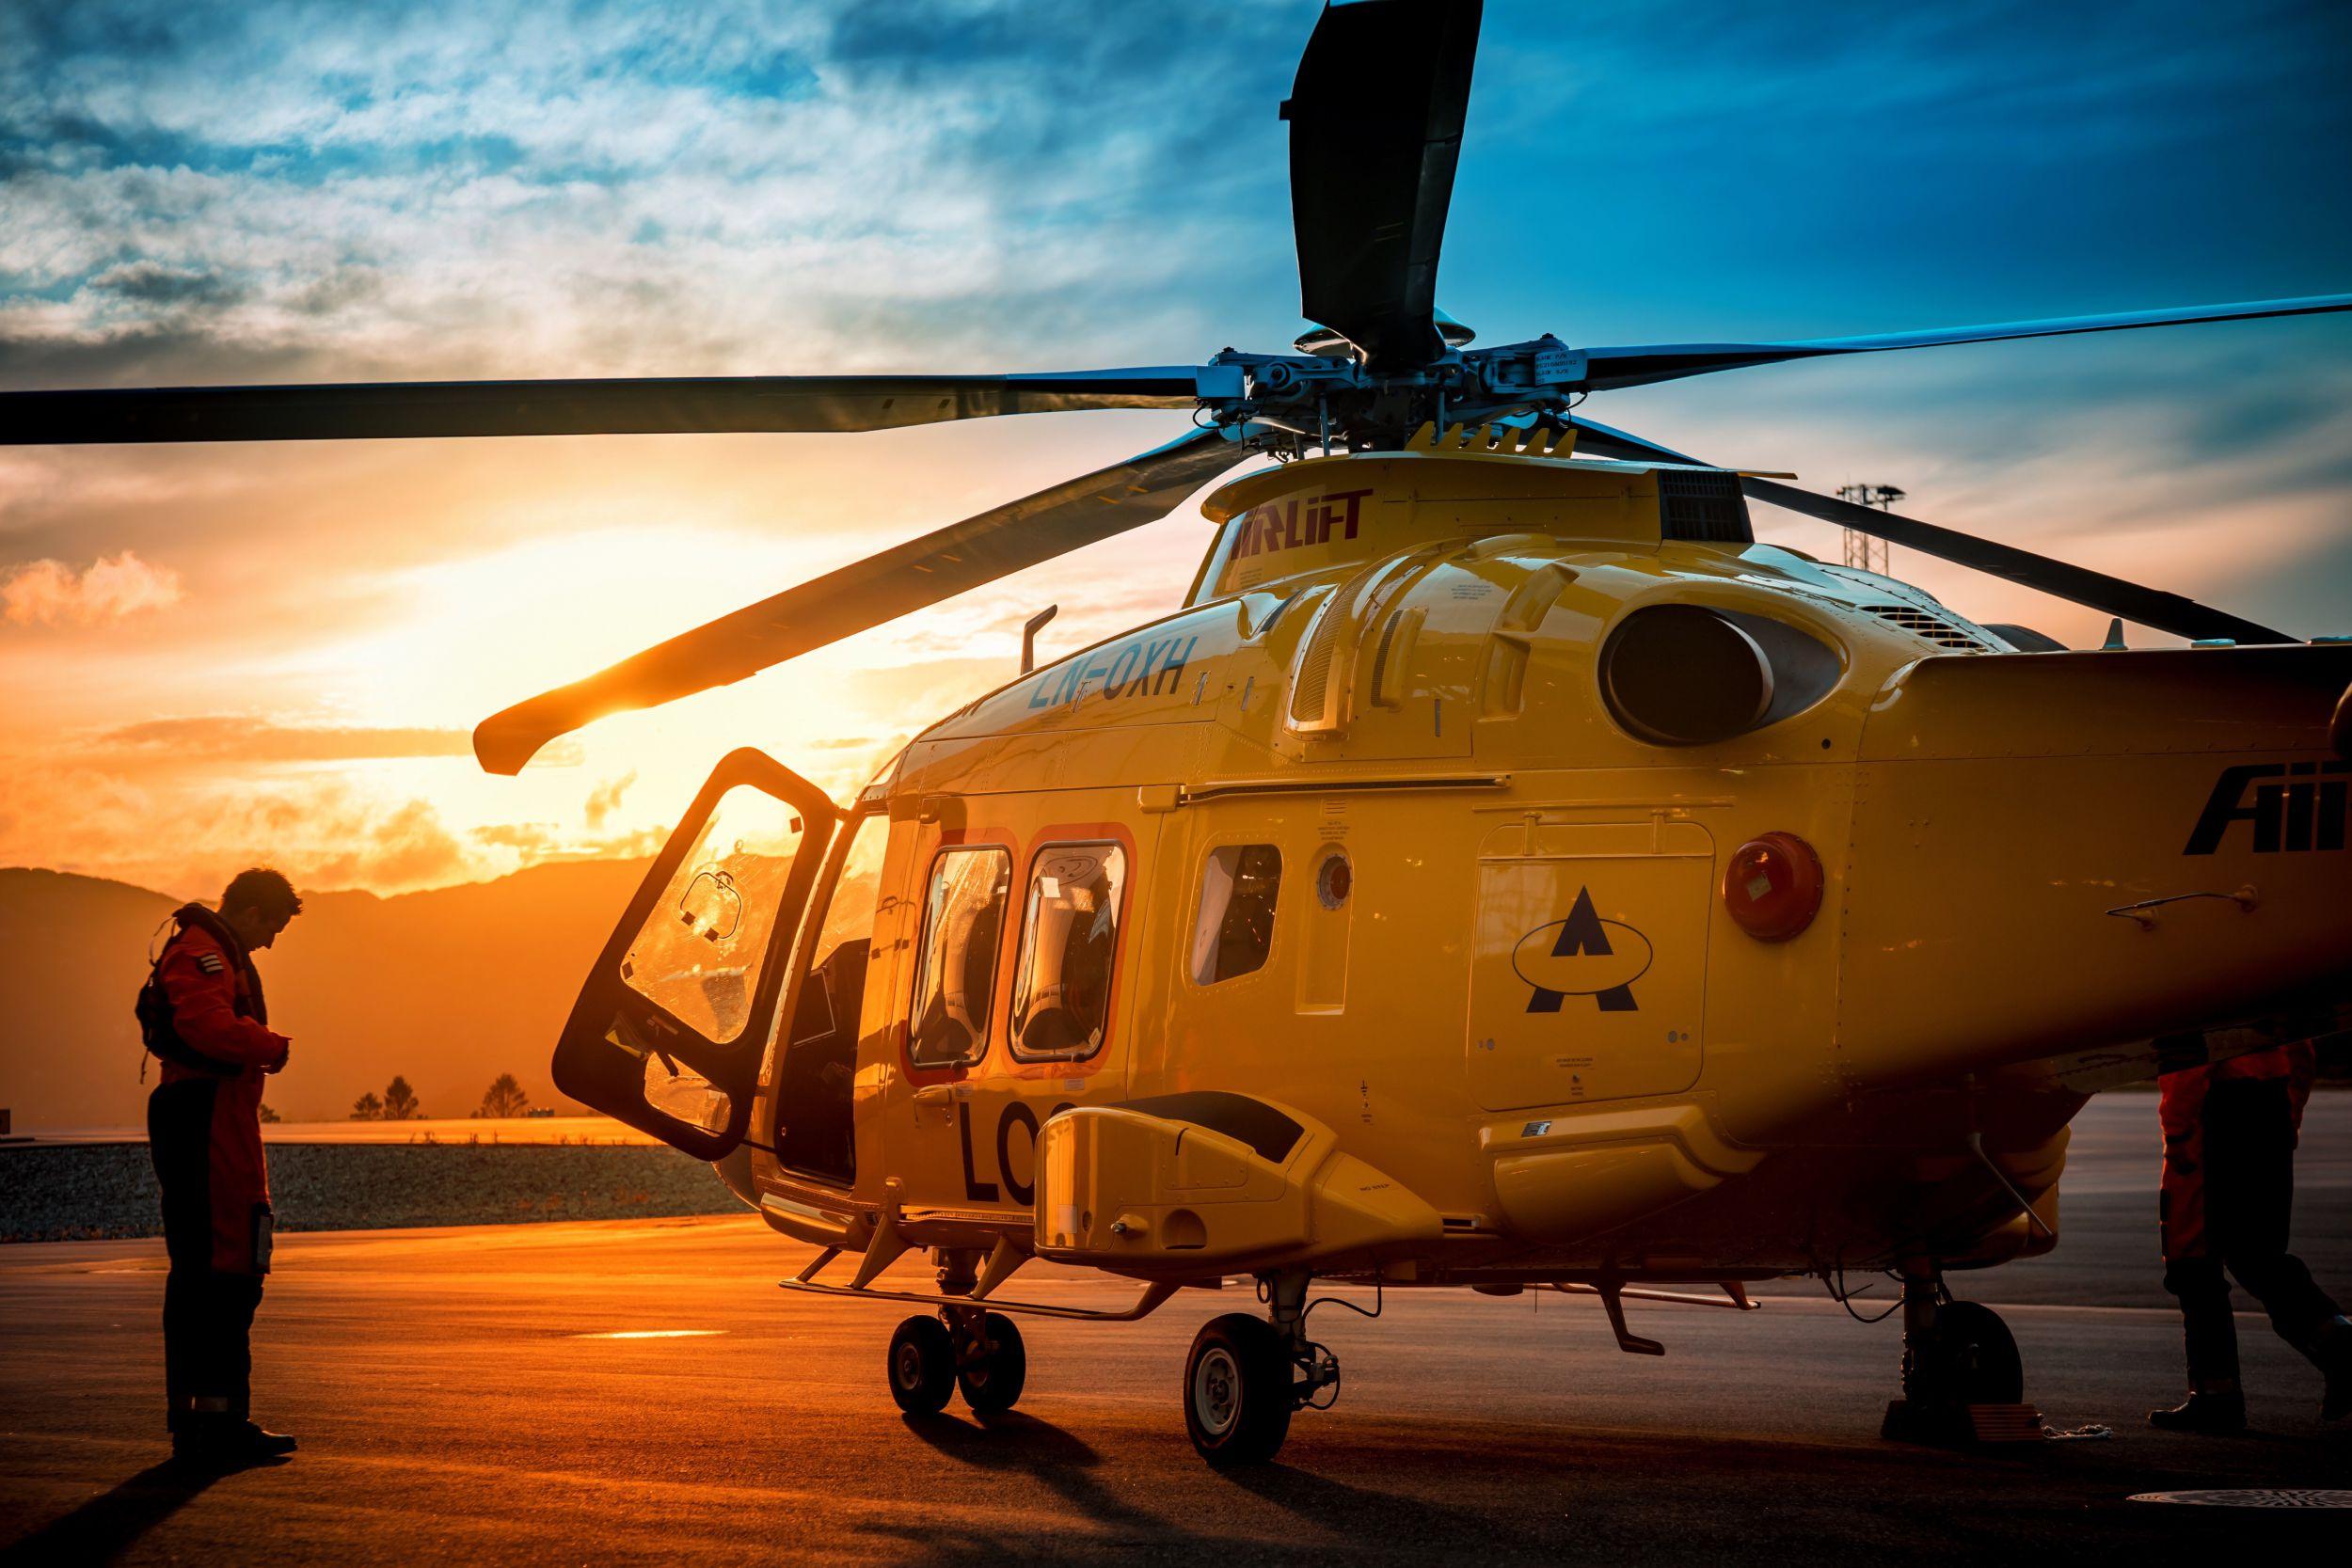 Helikopter-offshore-aw 169 -Tom A. Østrem Los2.jpg